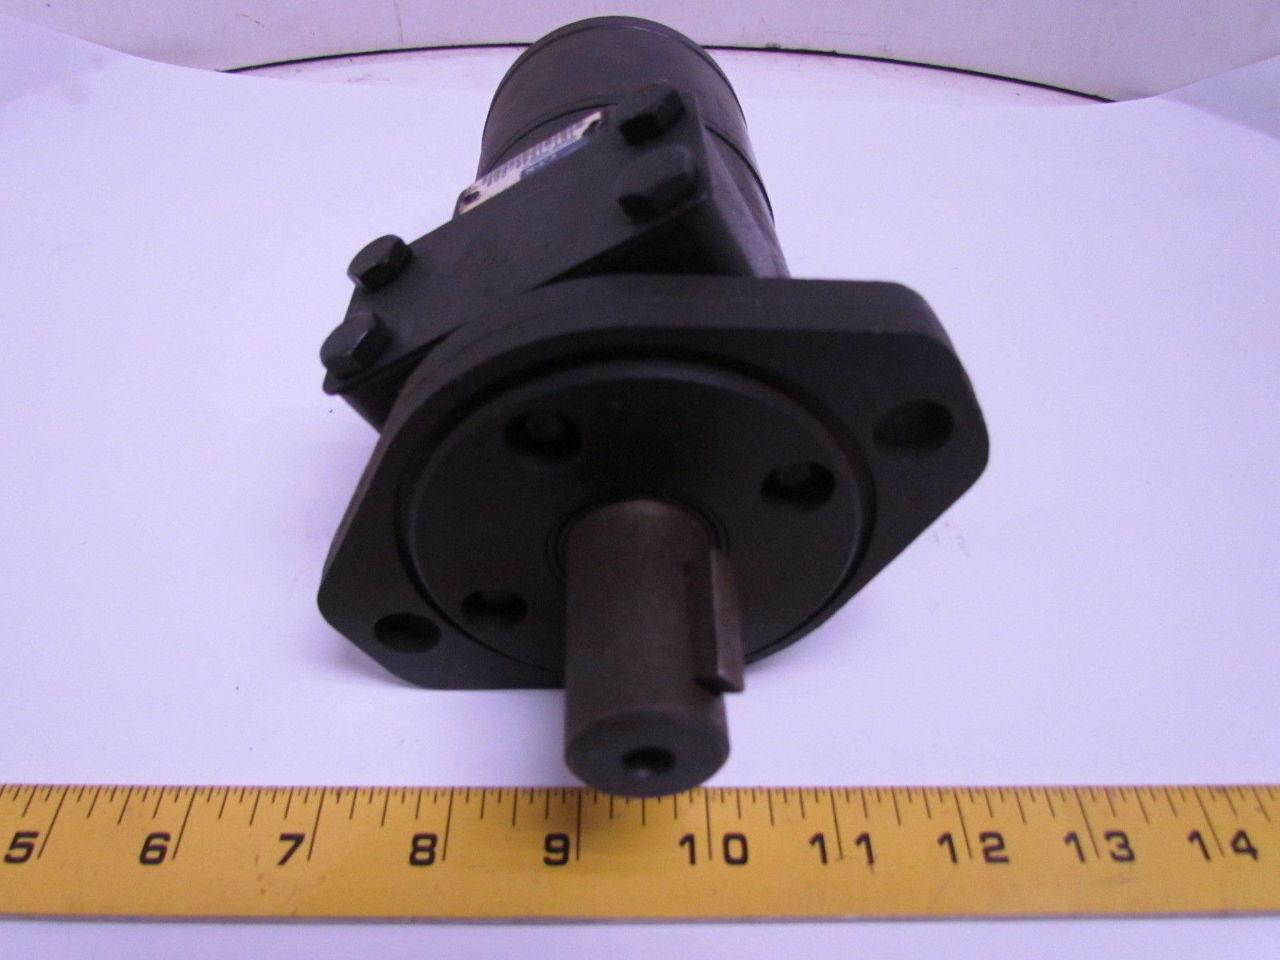 Eaton char lynn 101 1048 009 hydraulic motor gerotor for Char lynn hydraulic motor repair